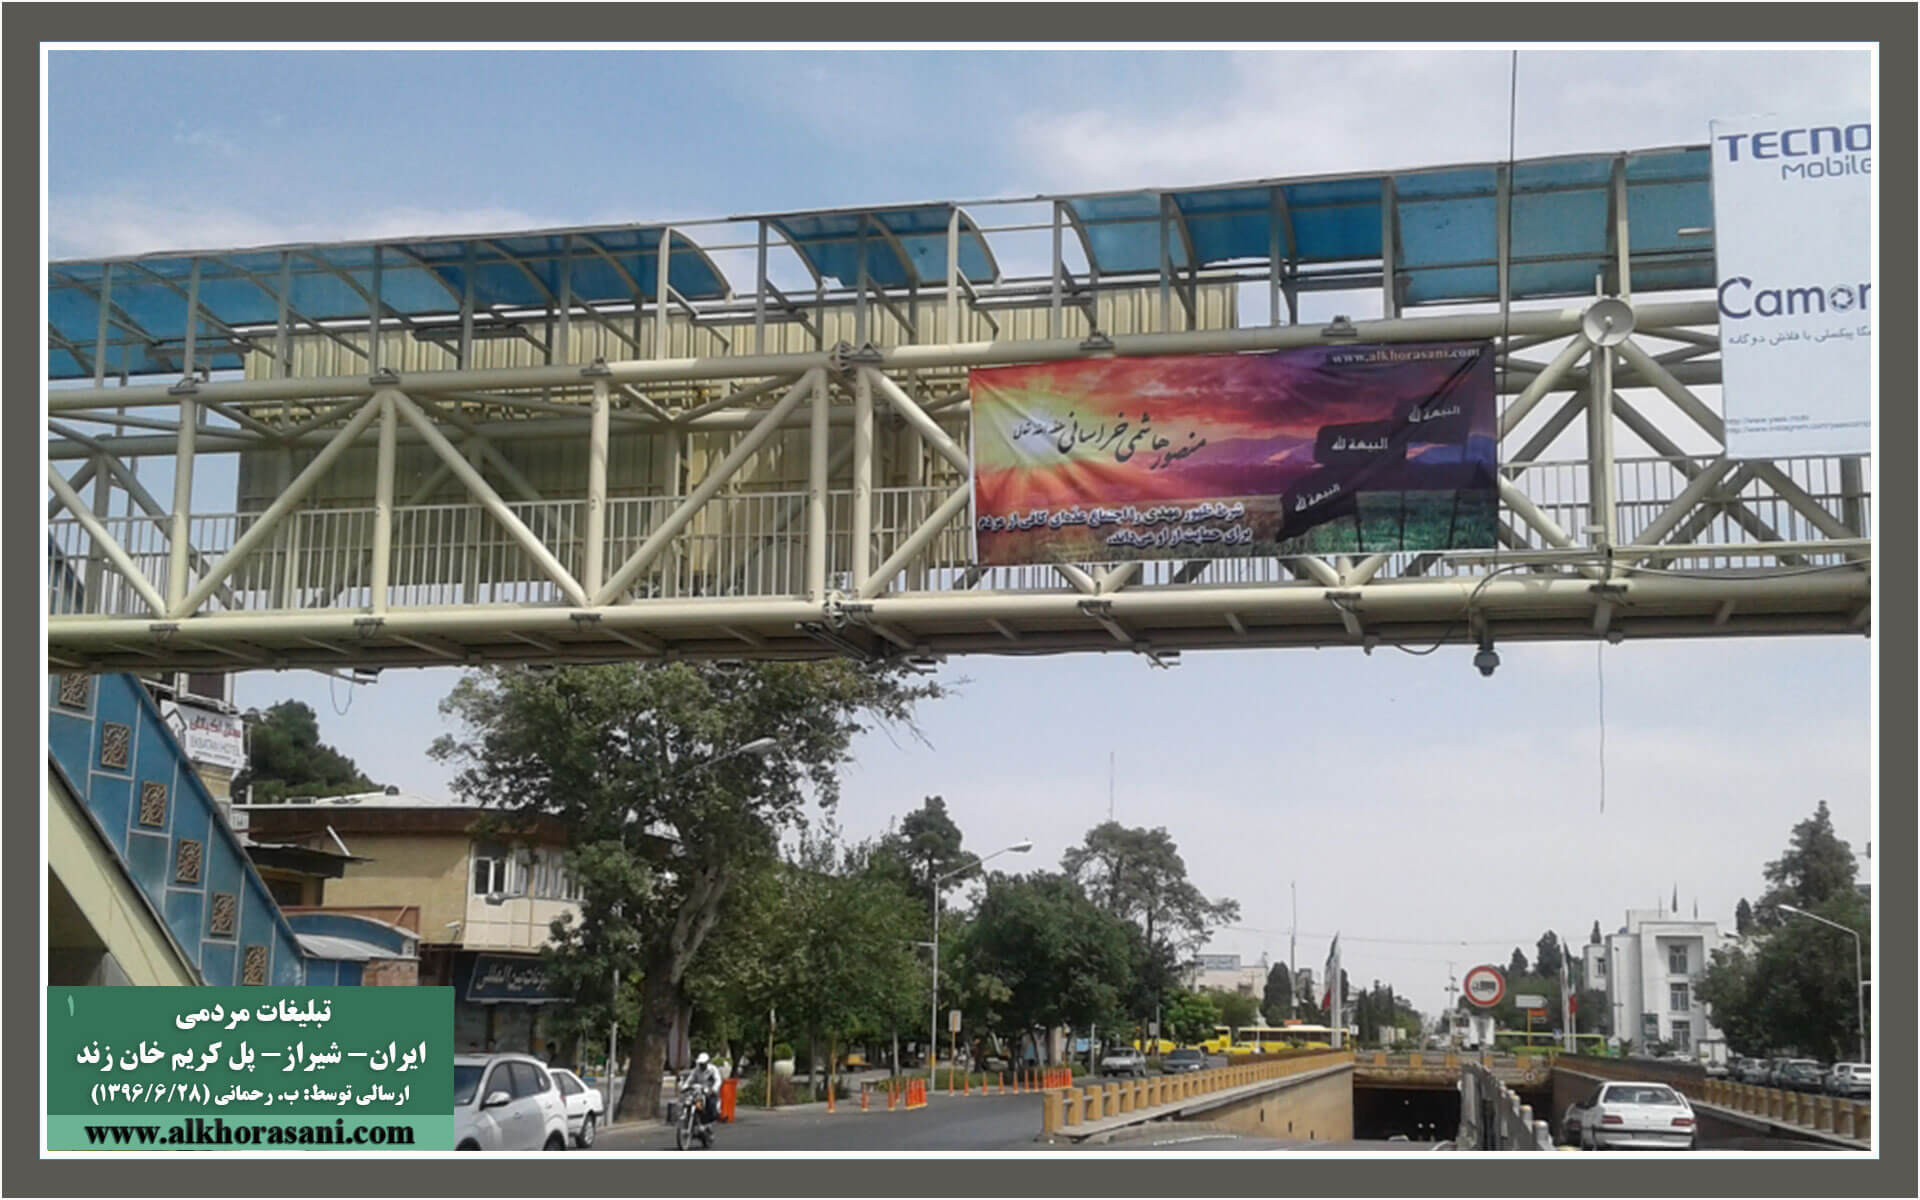 تبلیغات منصور هاشمی خراسانی؛ شیراز